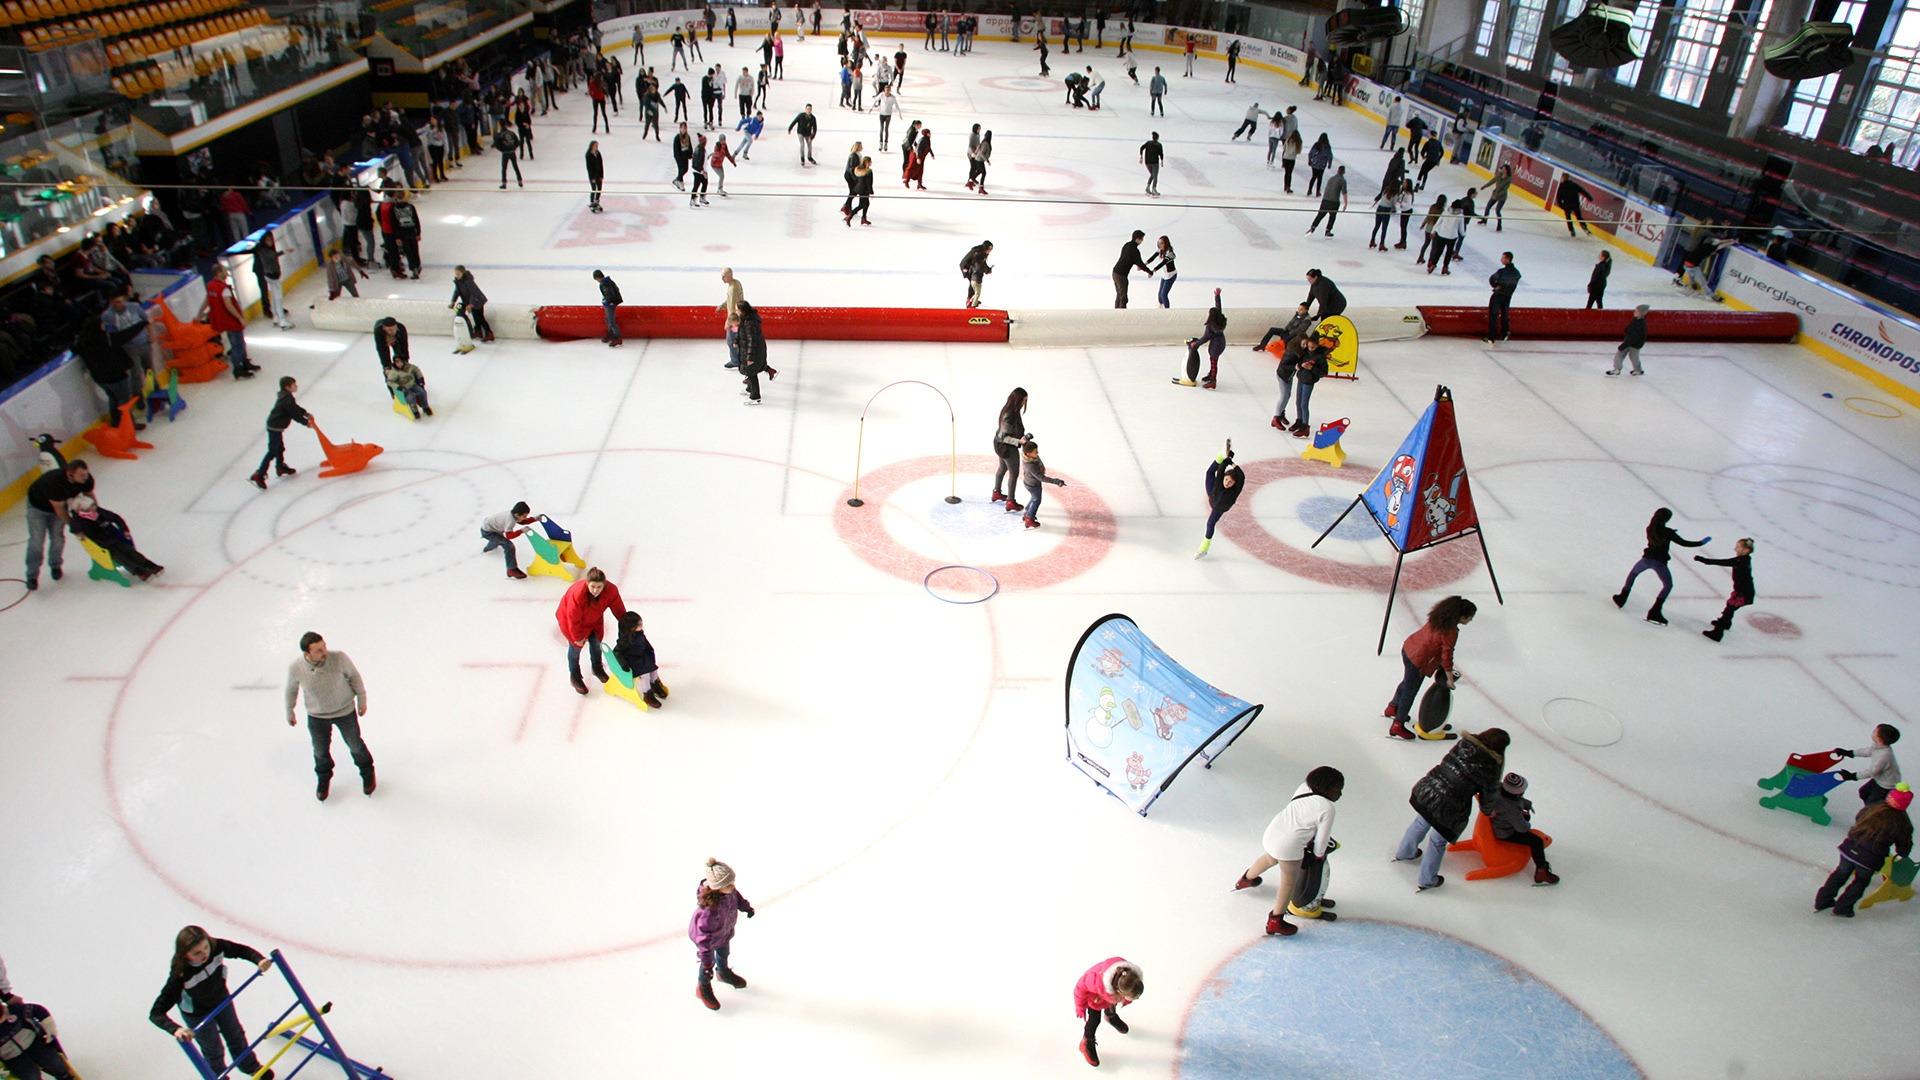 La patinoire olympique de Mulhouse